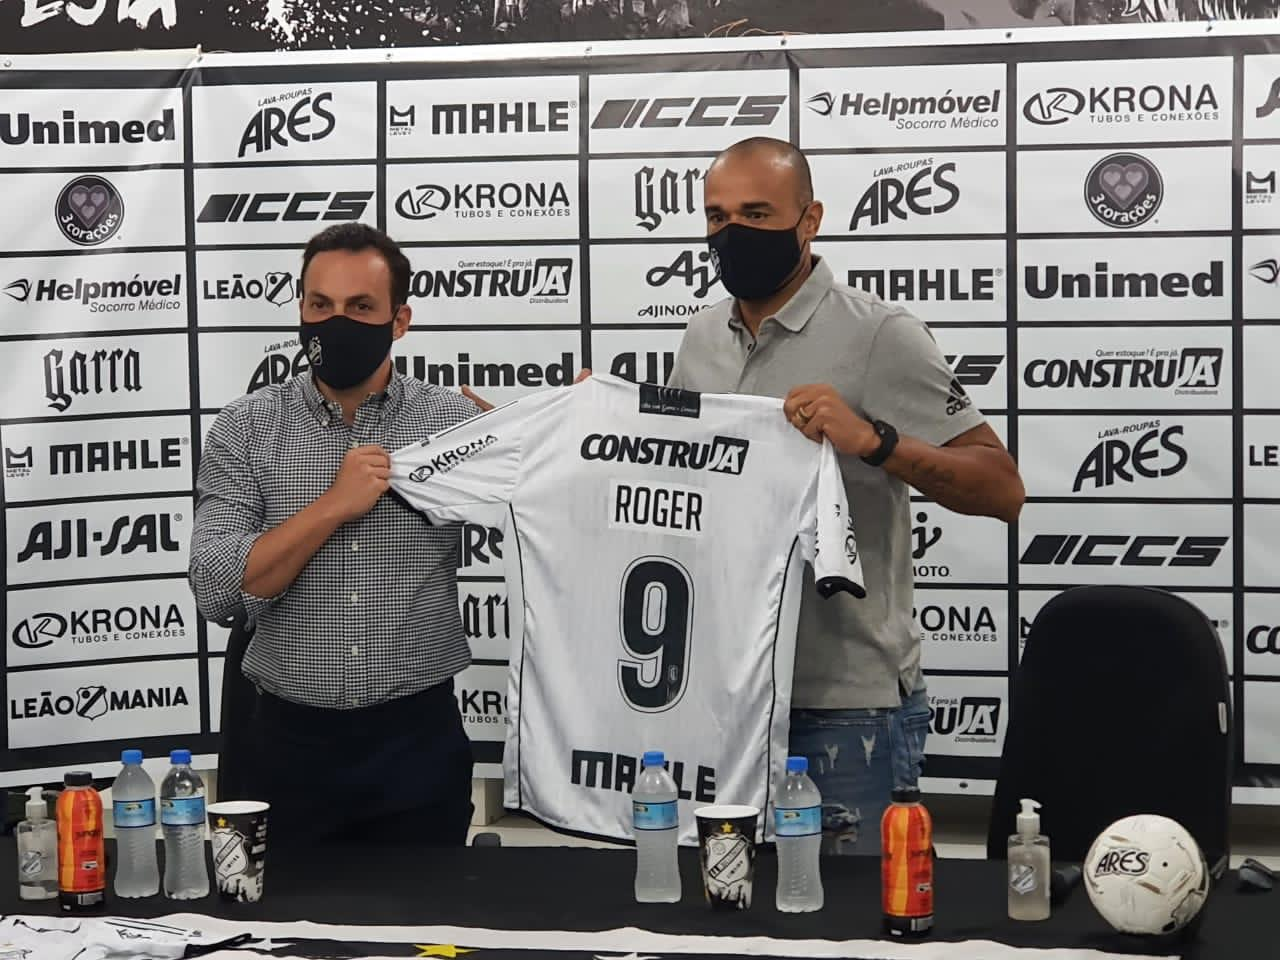 Roger diz que se sente realizado e que pode encerrar a carreira na Inter